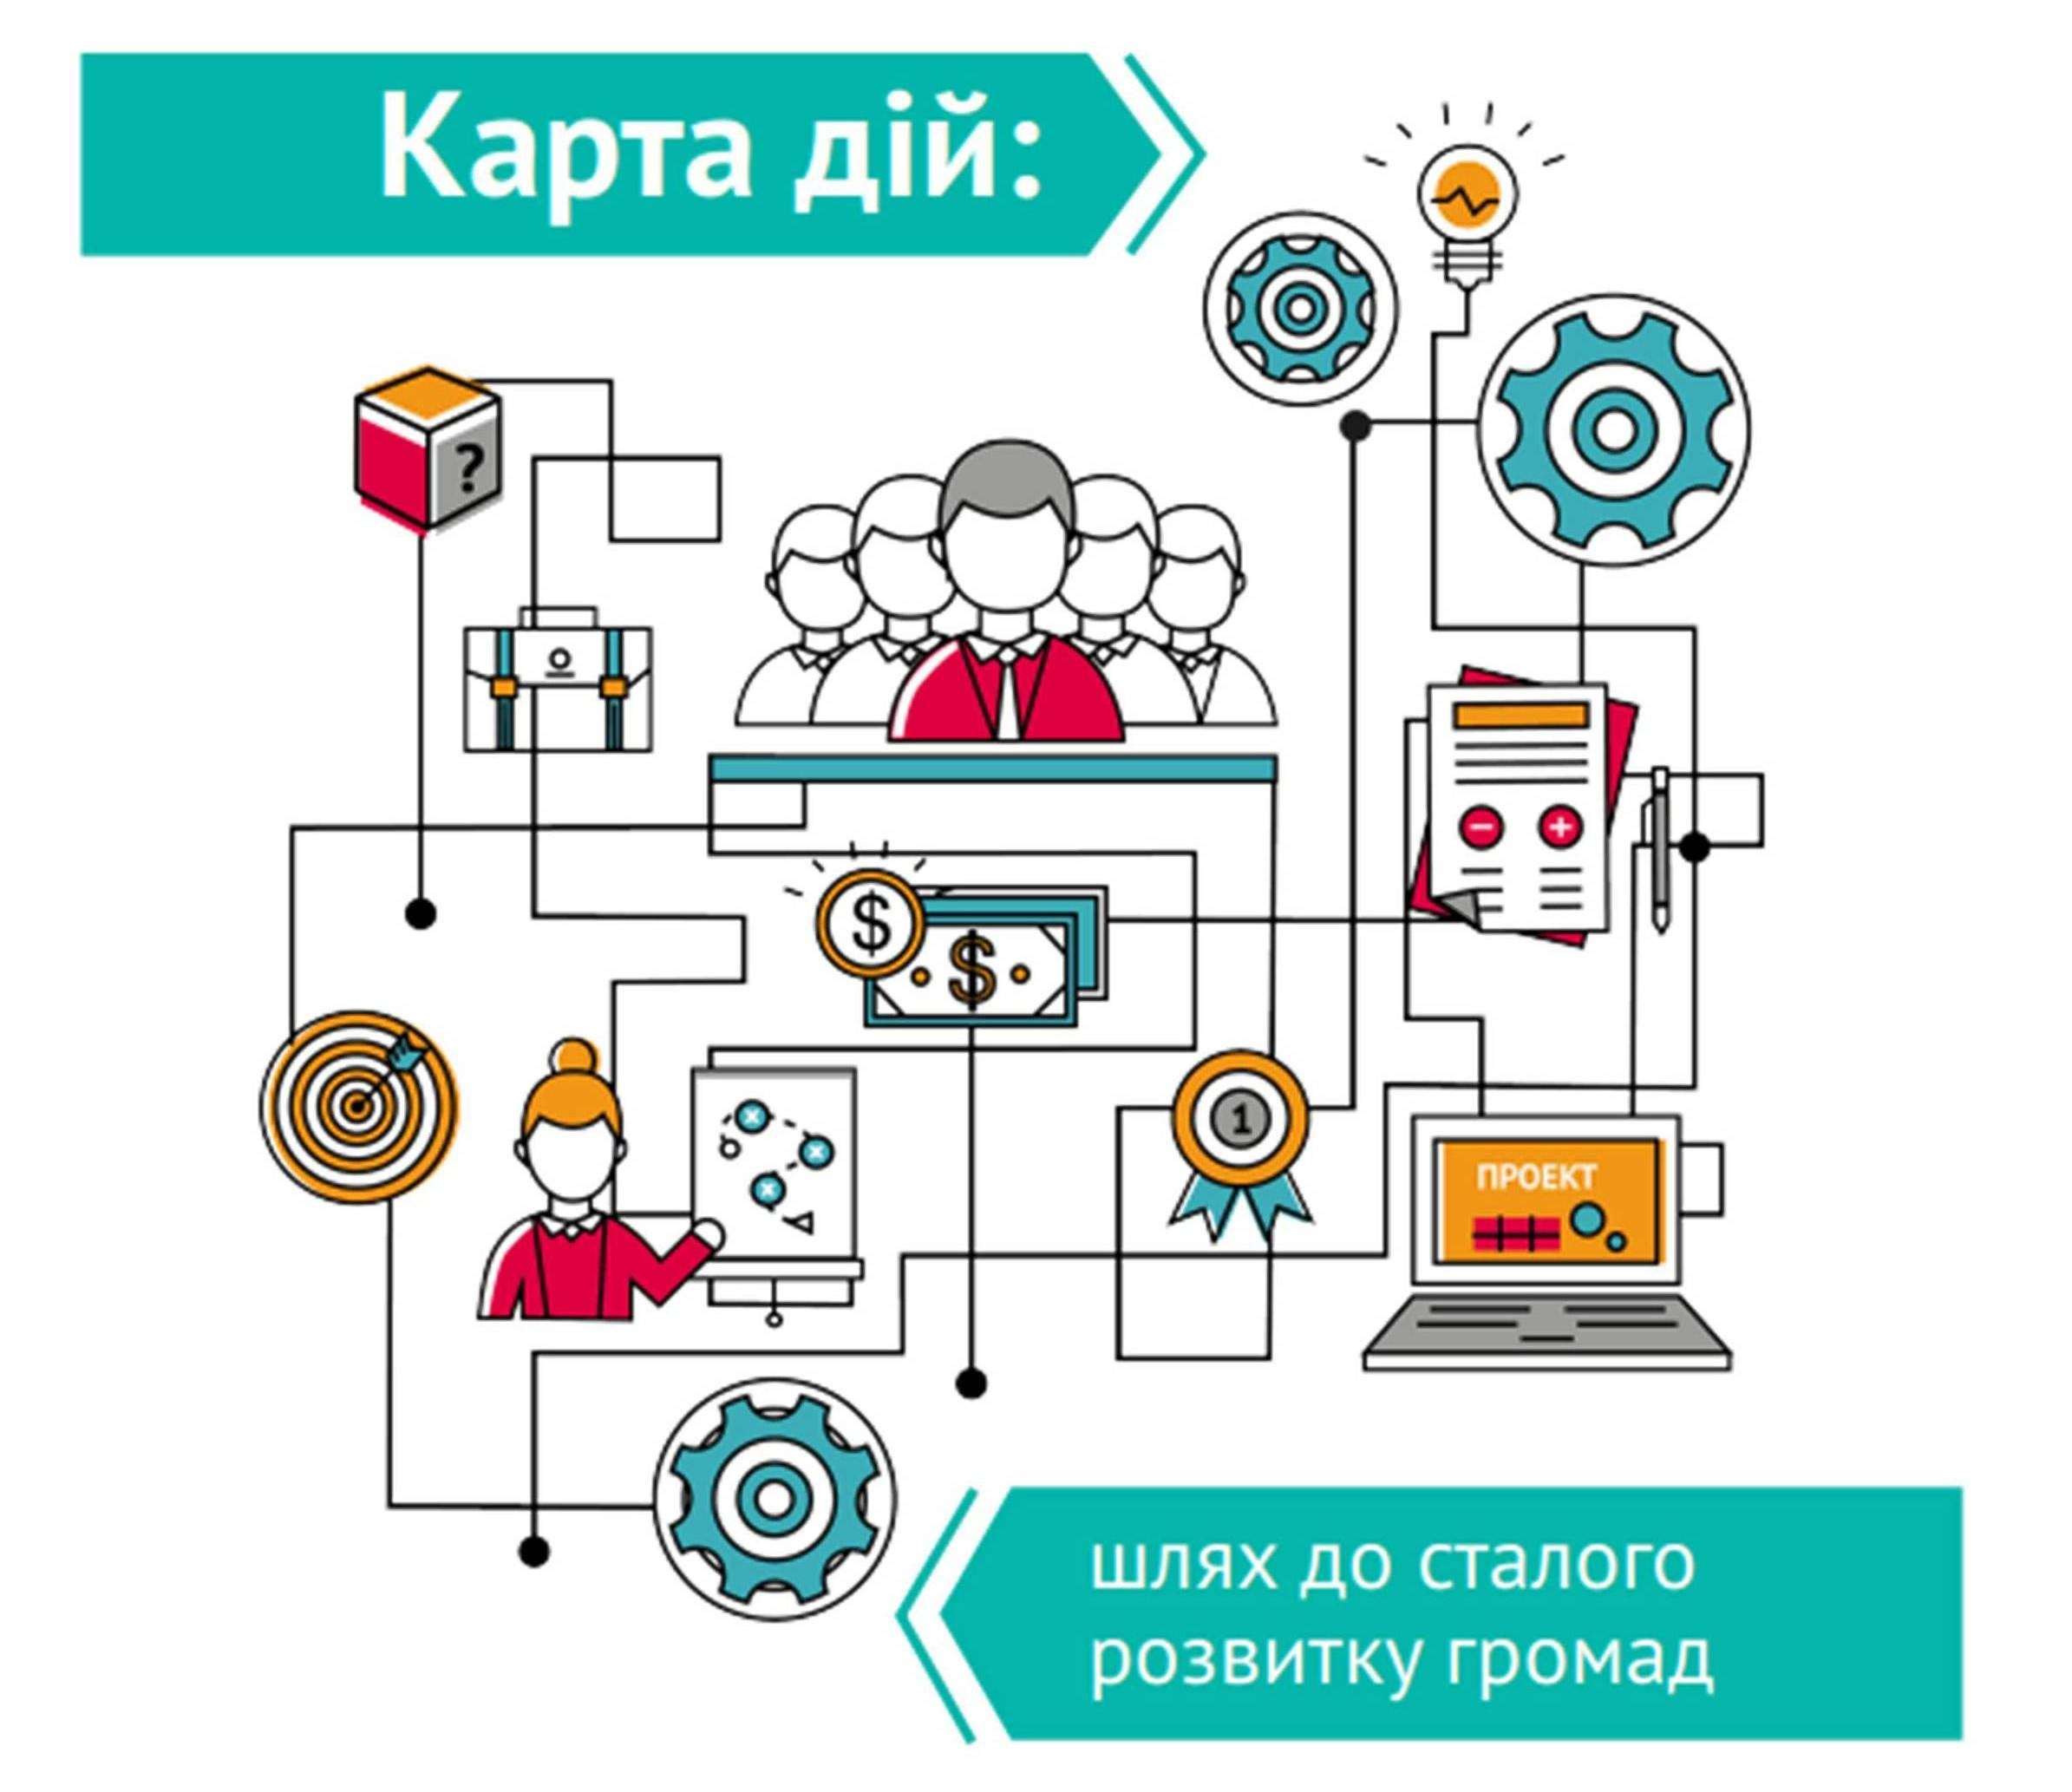 """Посібник """"Карта дій: шлях до сталого розвитку громад"""""""